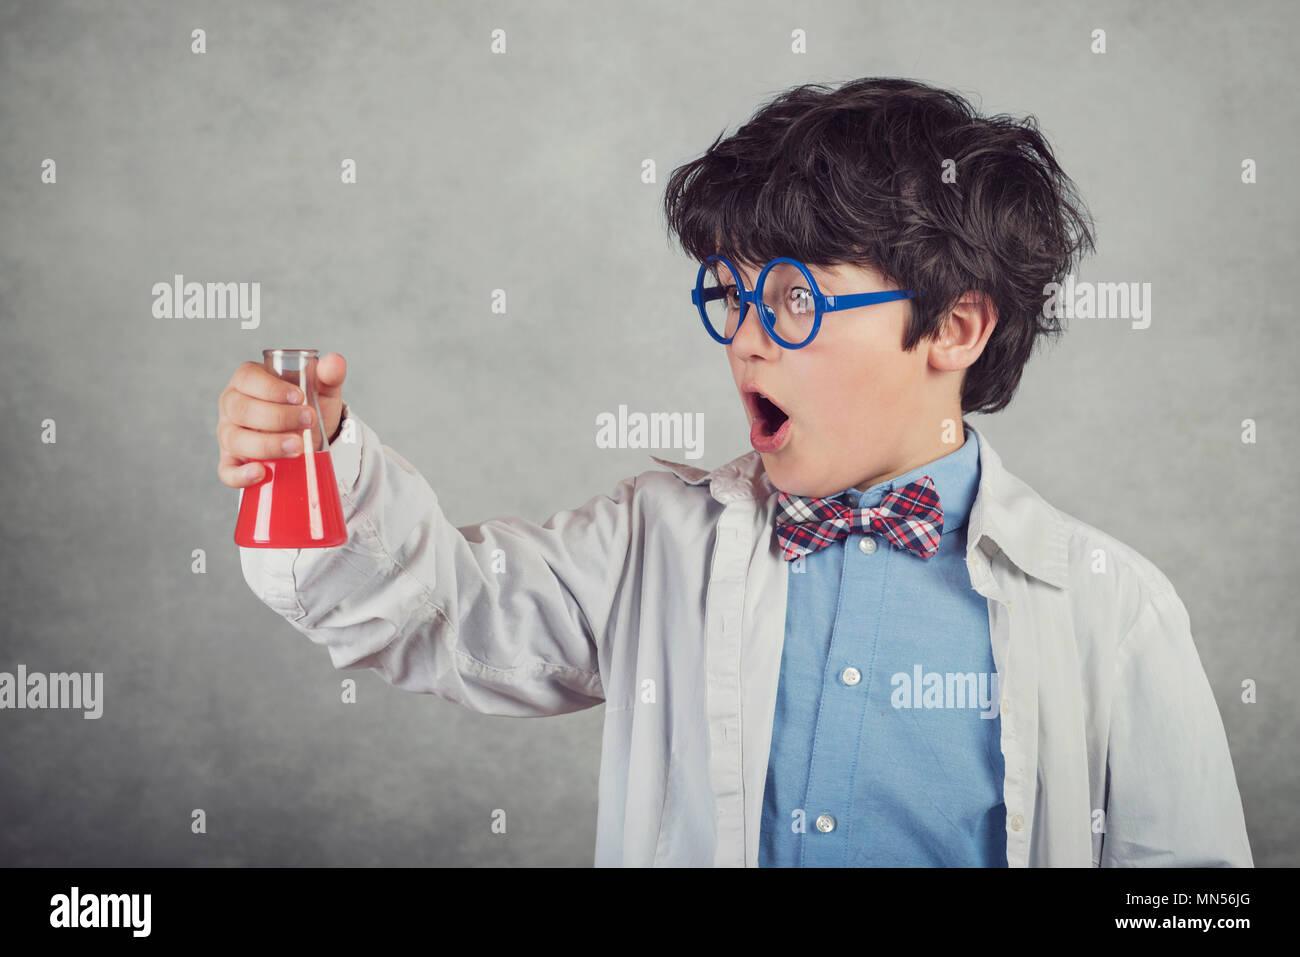 Garçon fait des expériences scientifiques sur fond gris Photo Stock